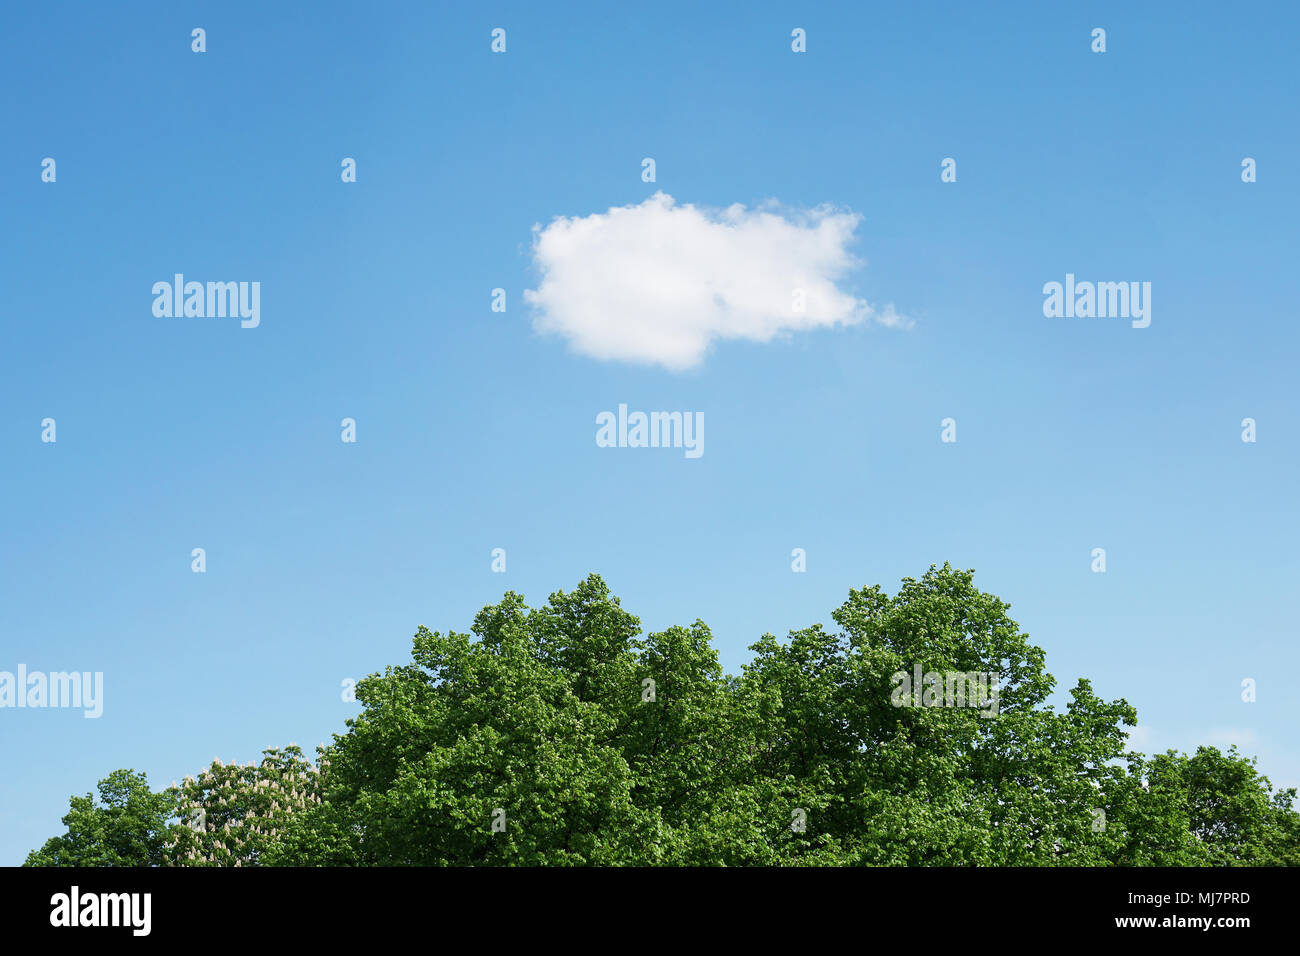 Blauer Himmel mit weißen Wolken über grünen Wipfel, horizontal Natur Hintergrund mit Kopie Raum Stockbild